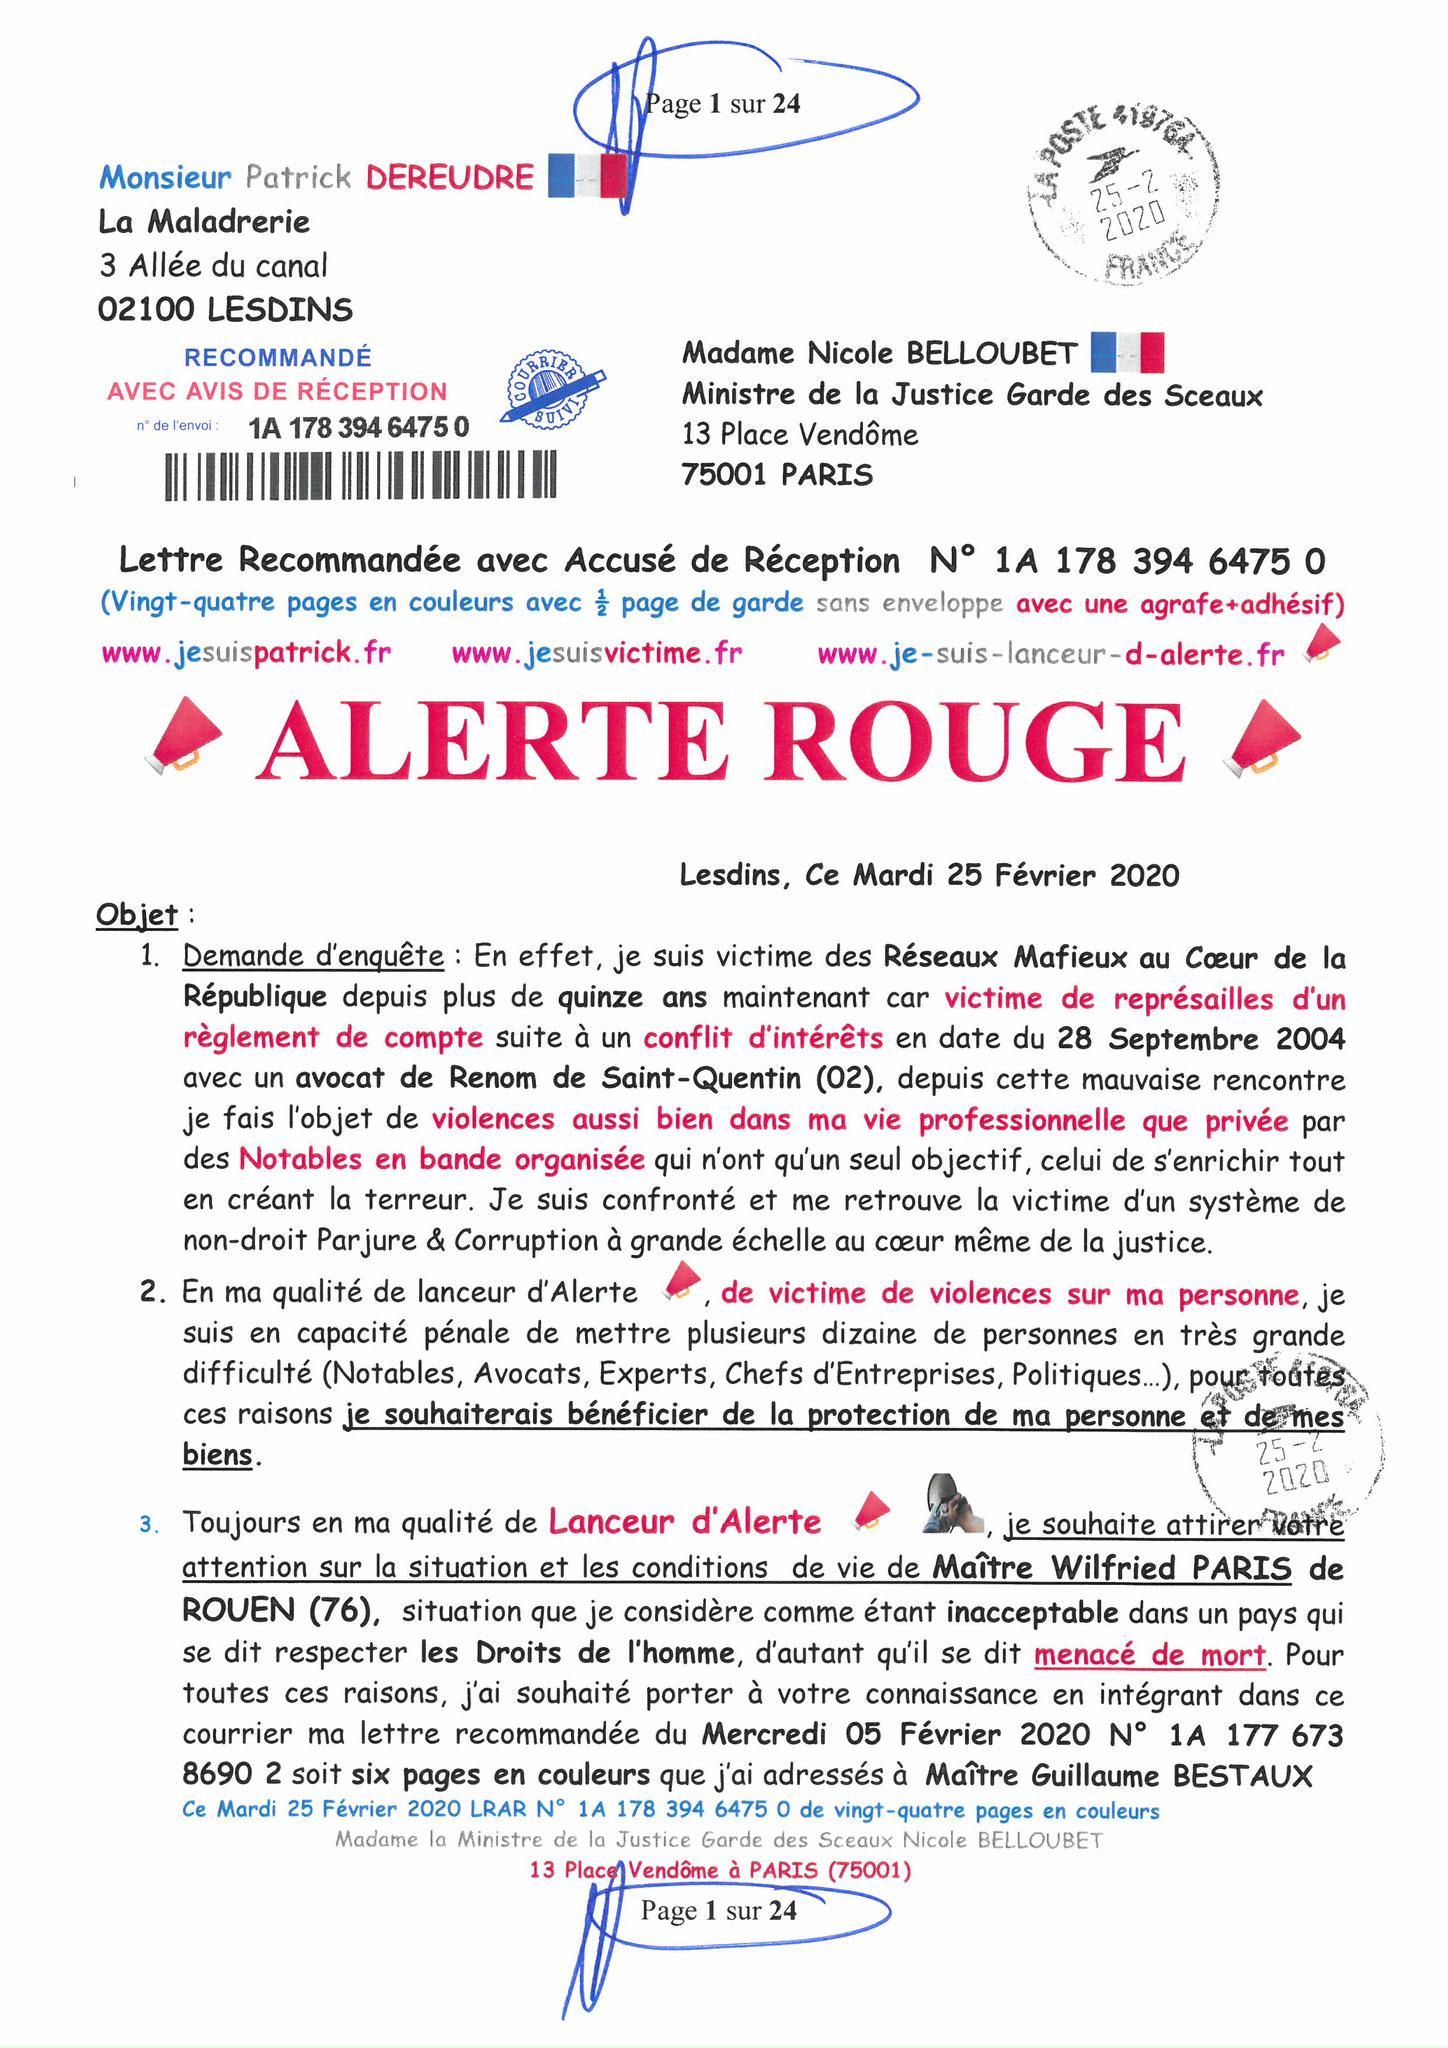 Ma LRAR à Madame Nicole BELLOUBET la Ministre de la Justice N0 1A 178 394 6475 0 Page 1 sur 24 en couleur  www.jesuispatrick.com www.jesuisvictime.fr www.alerte-rouge-france.fr